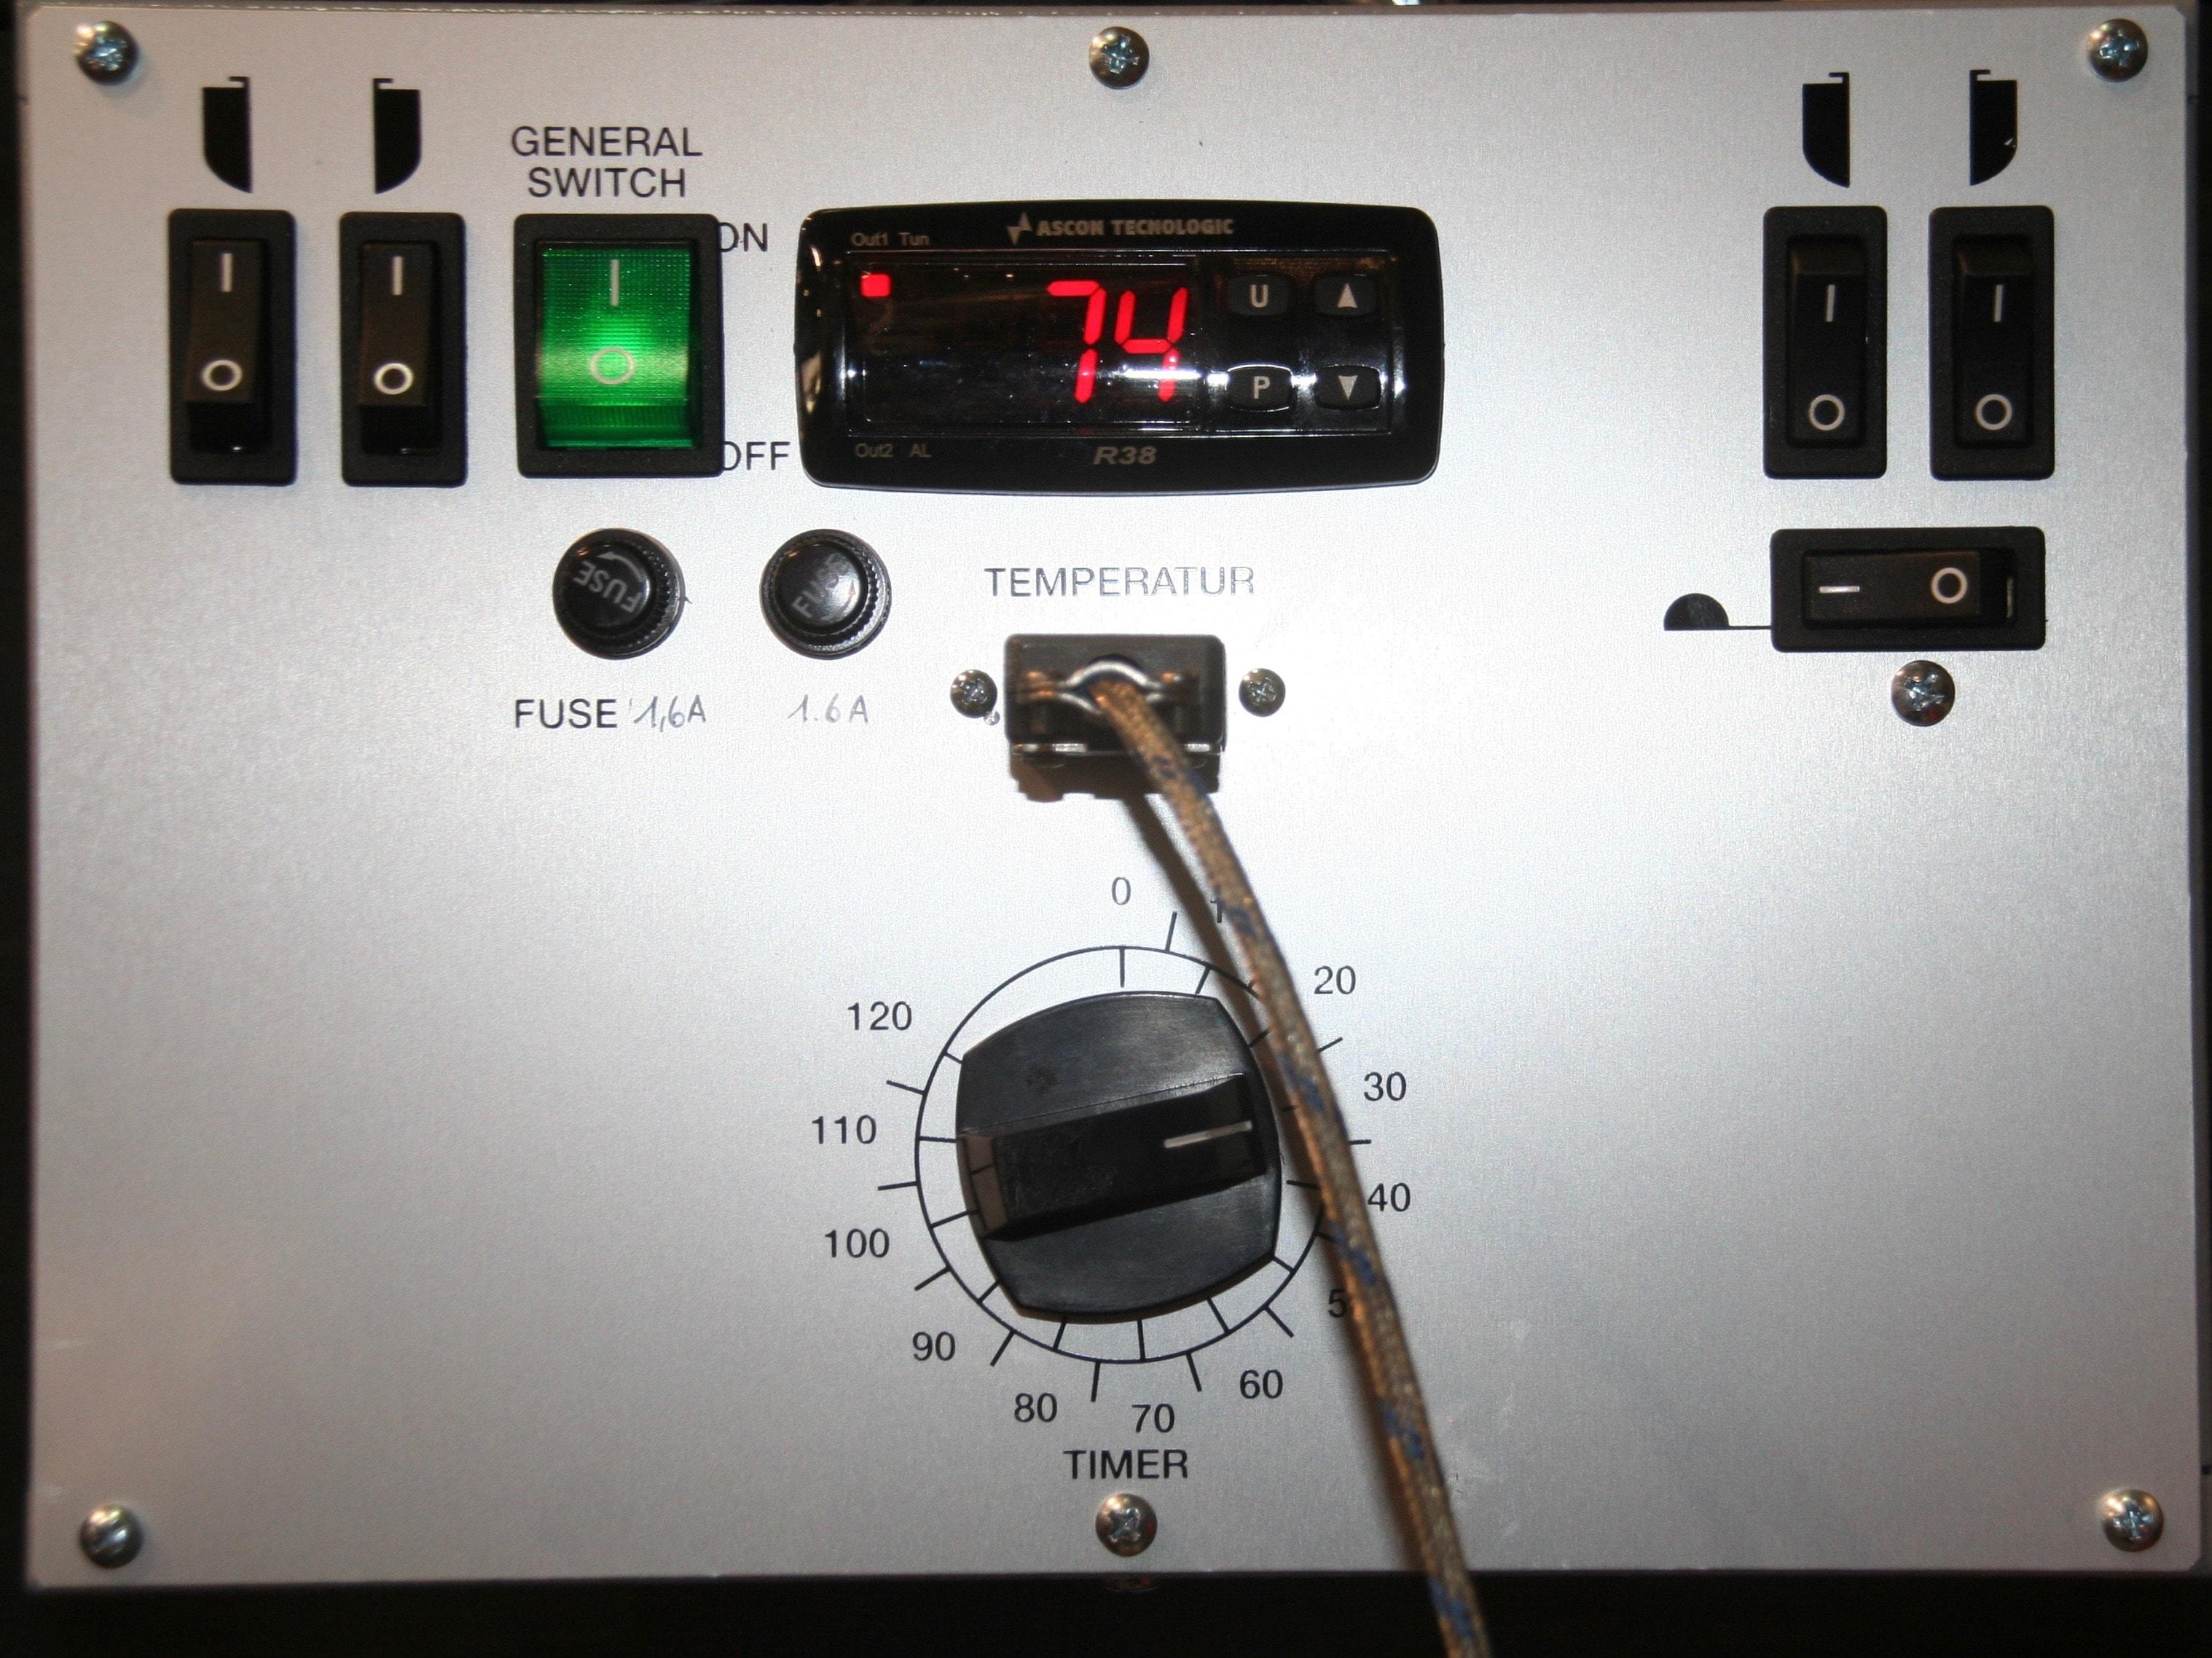 Réglage de la température et du temps de chauffe